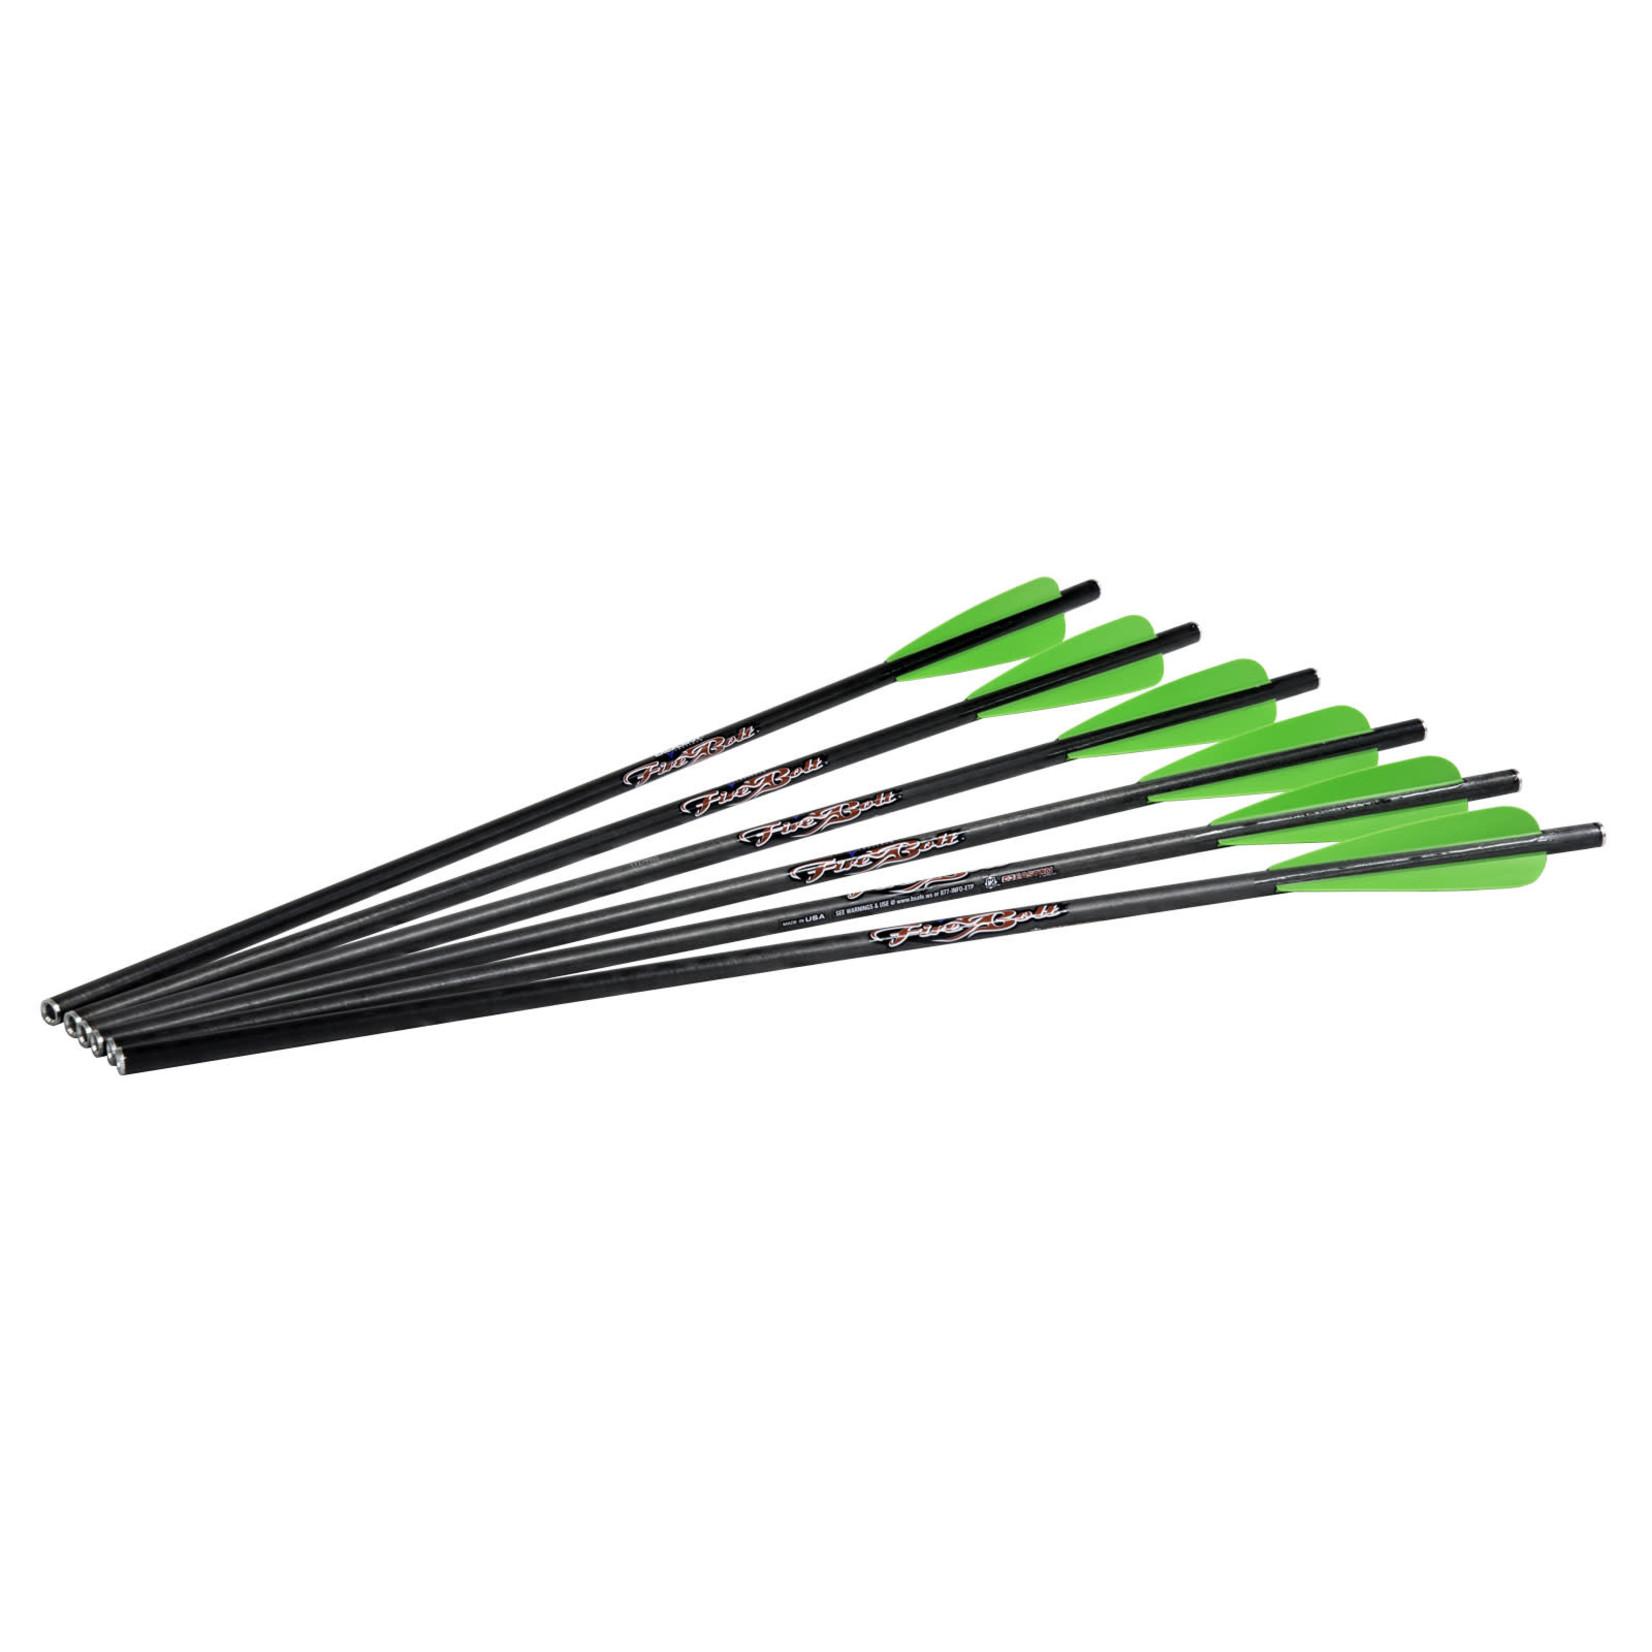 """Excalibur Firebolt Carbon Arrow 20"""" per unit"""